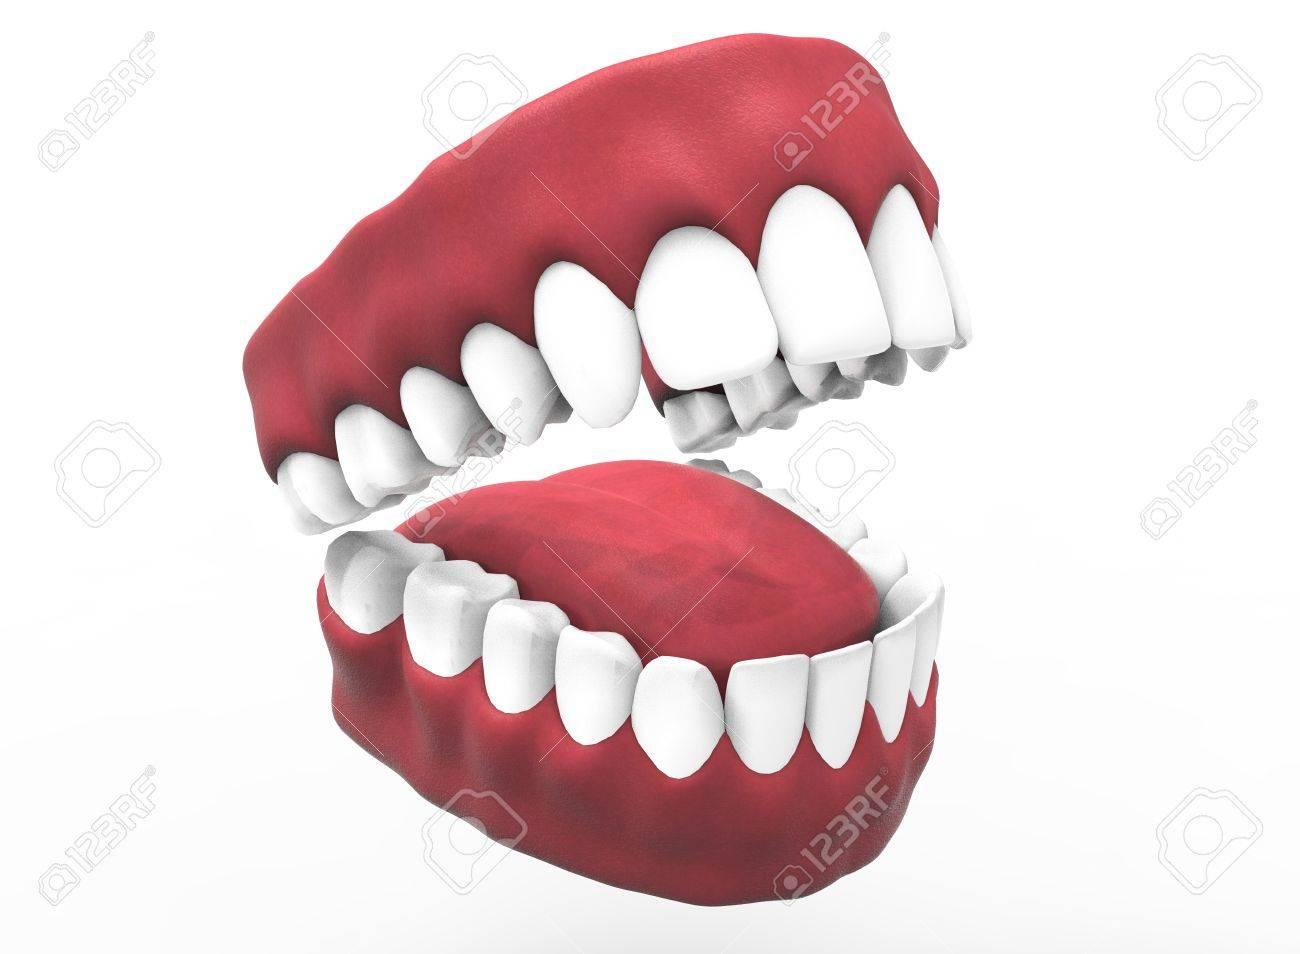 3D-Darstellung Der Geöffneten Gummi Mit Zähnen Und Zunge ...